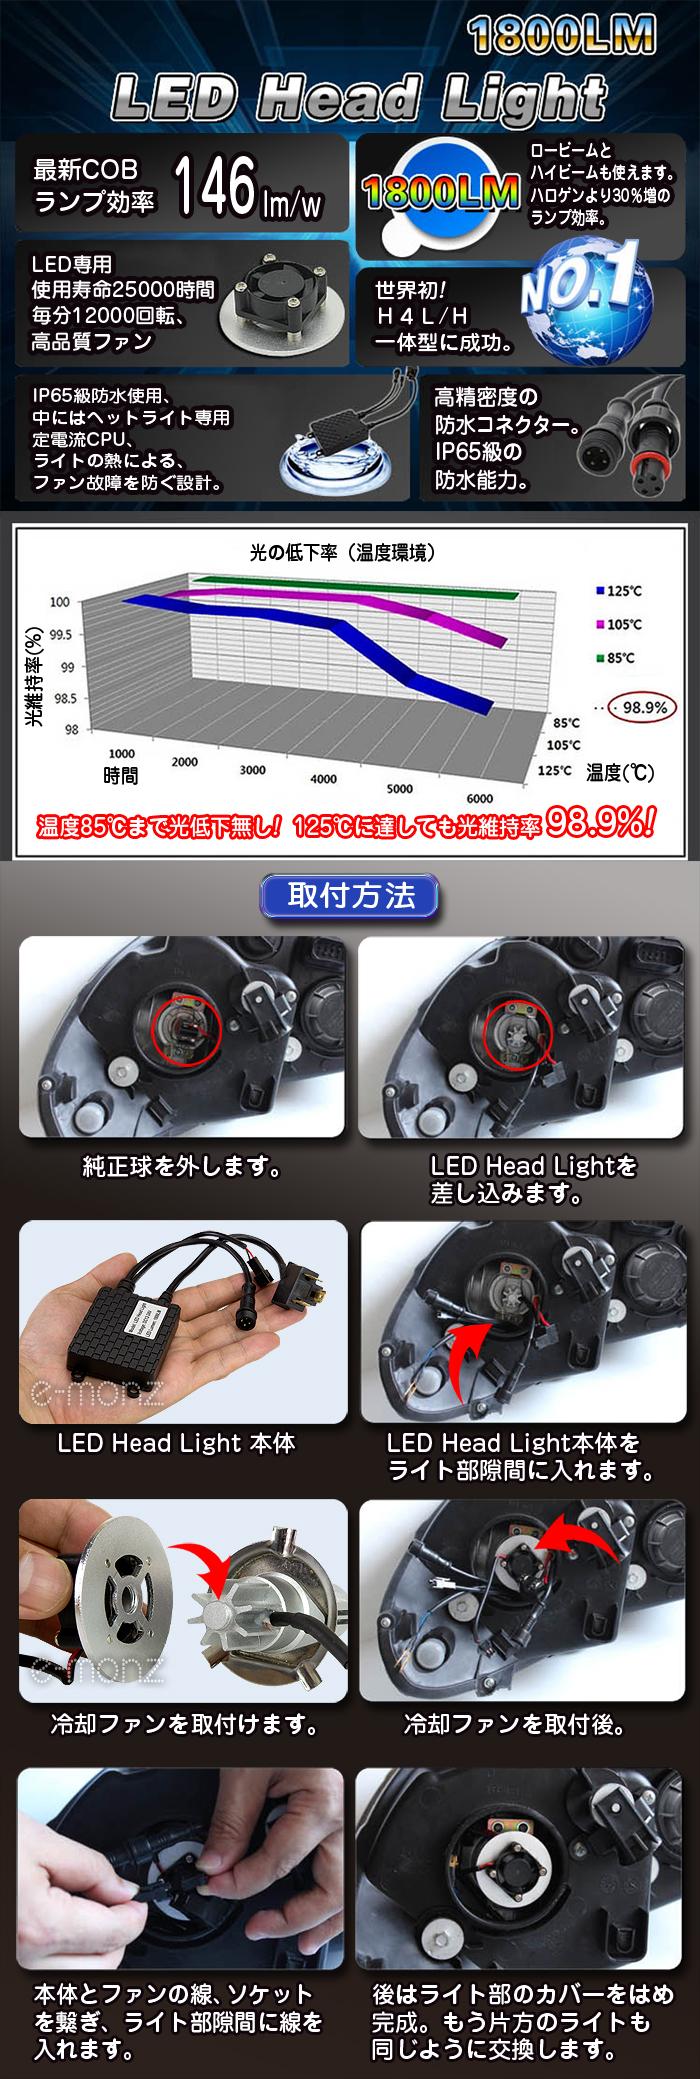 LEDヘッドライト用バルブ HB4 取り付け方法